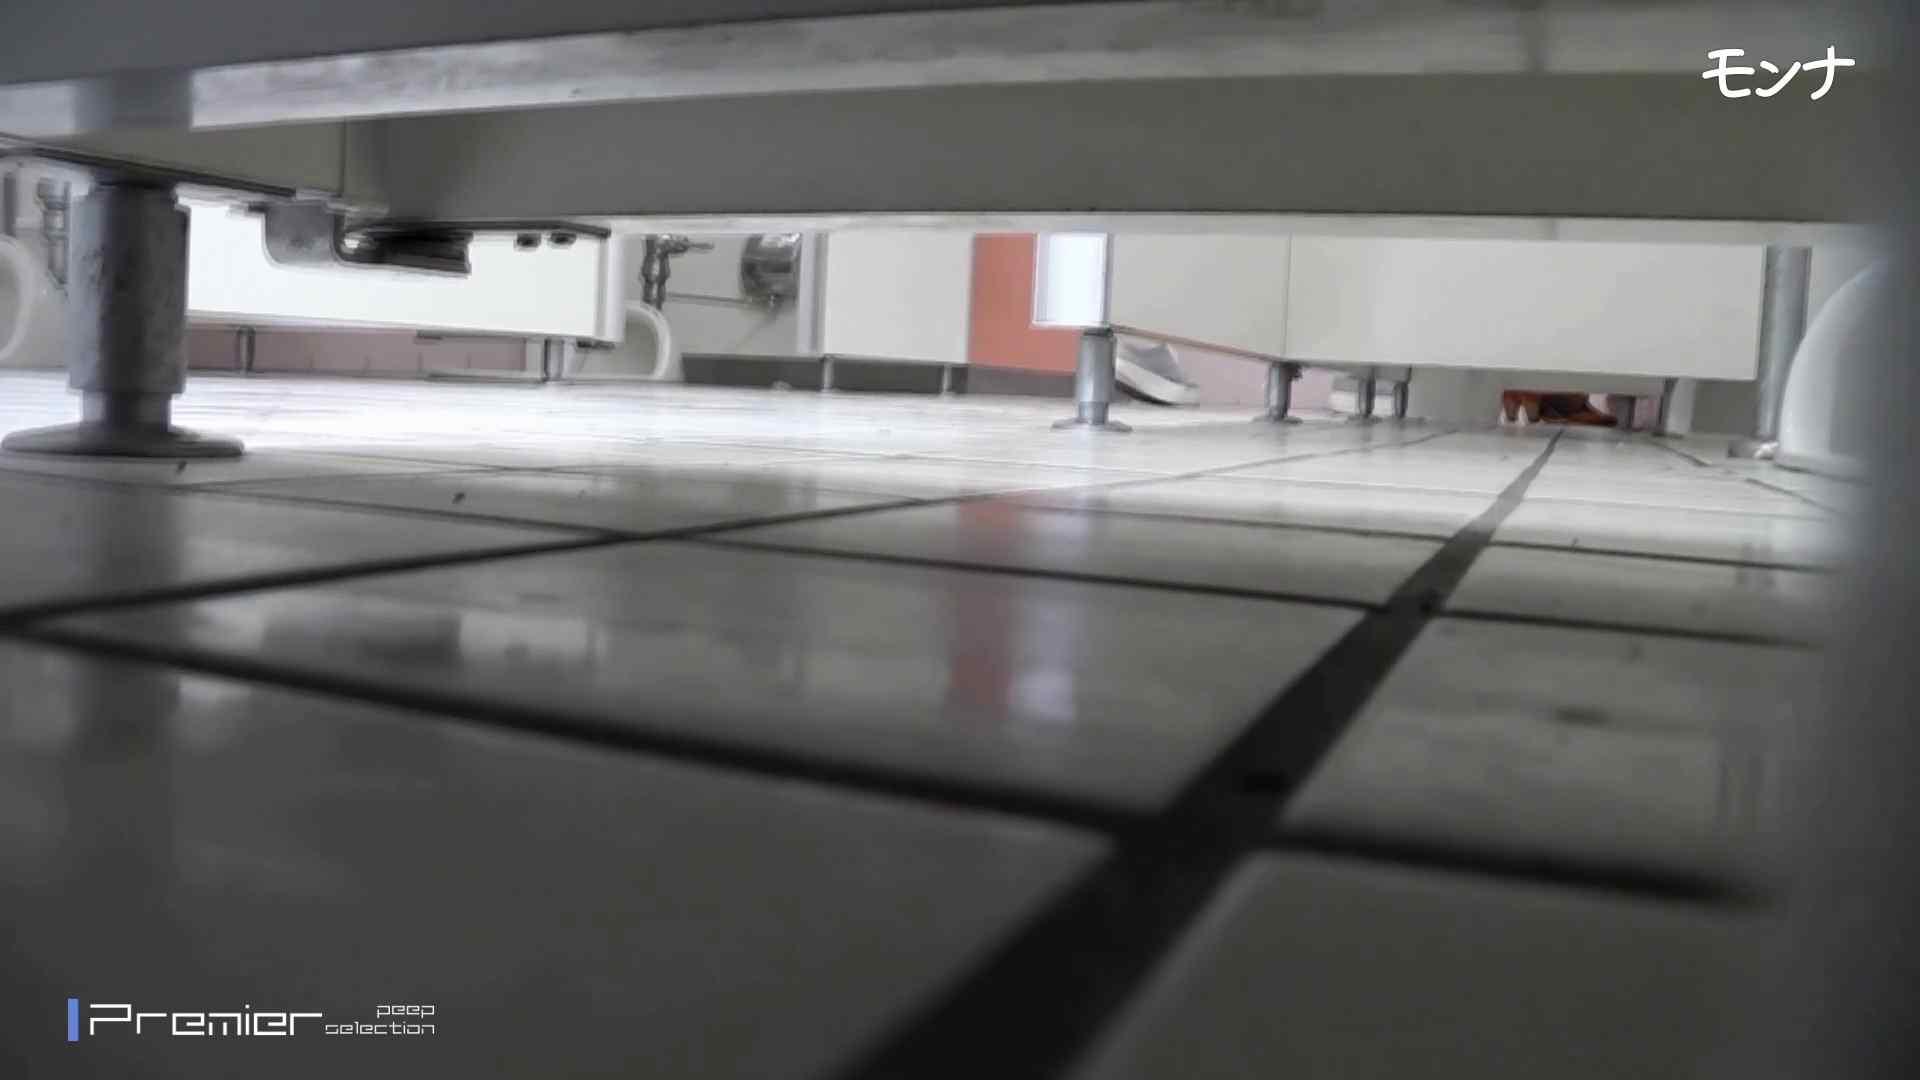 美しい日本の未来 No.73 自然なセクシーな仕草に感動中 トイレのぞき AV無料動画キャプチャ 57画像 23